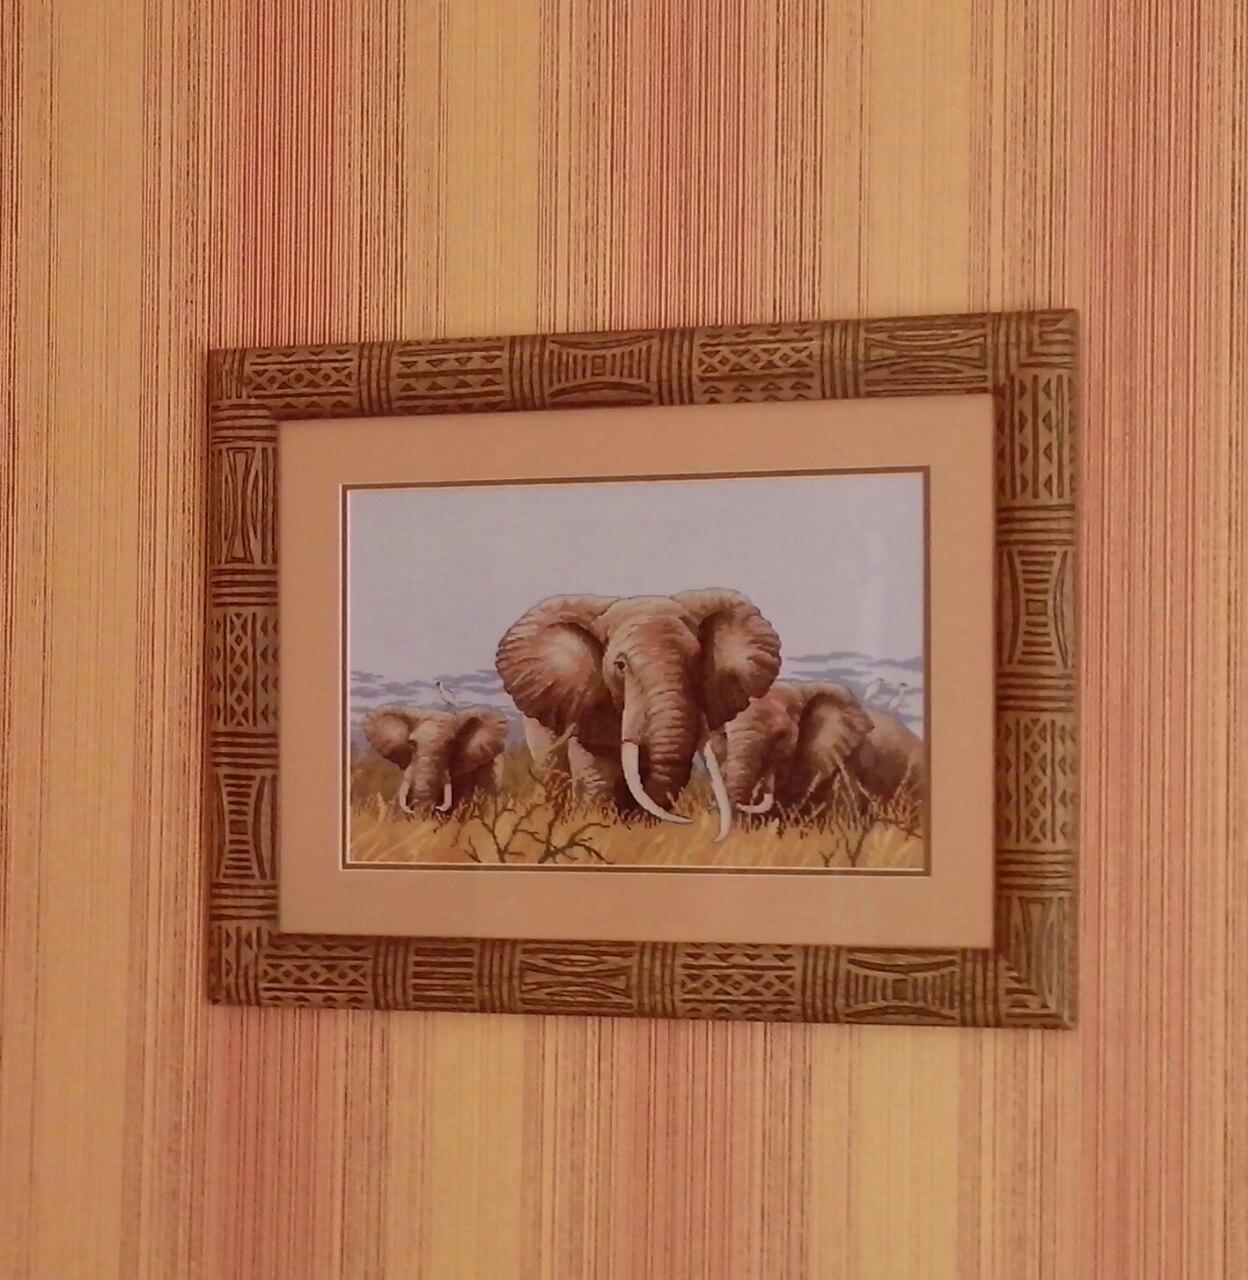 семья слонов вышивка схема